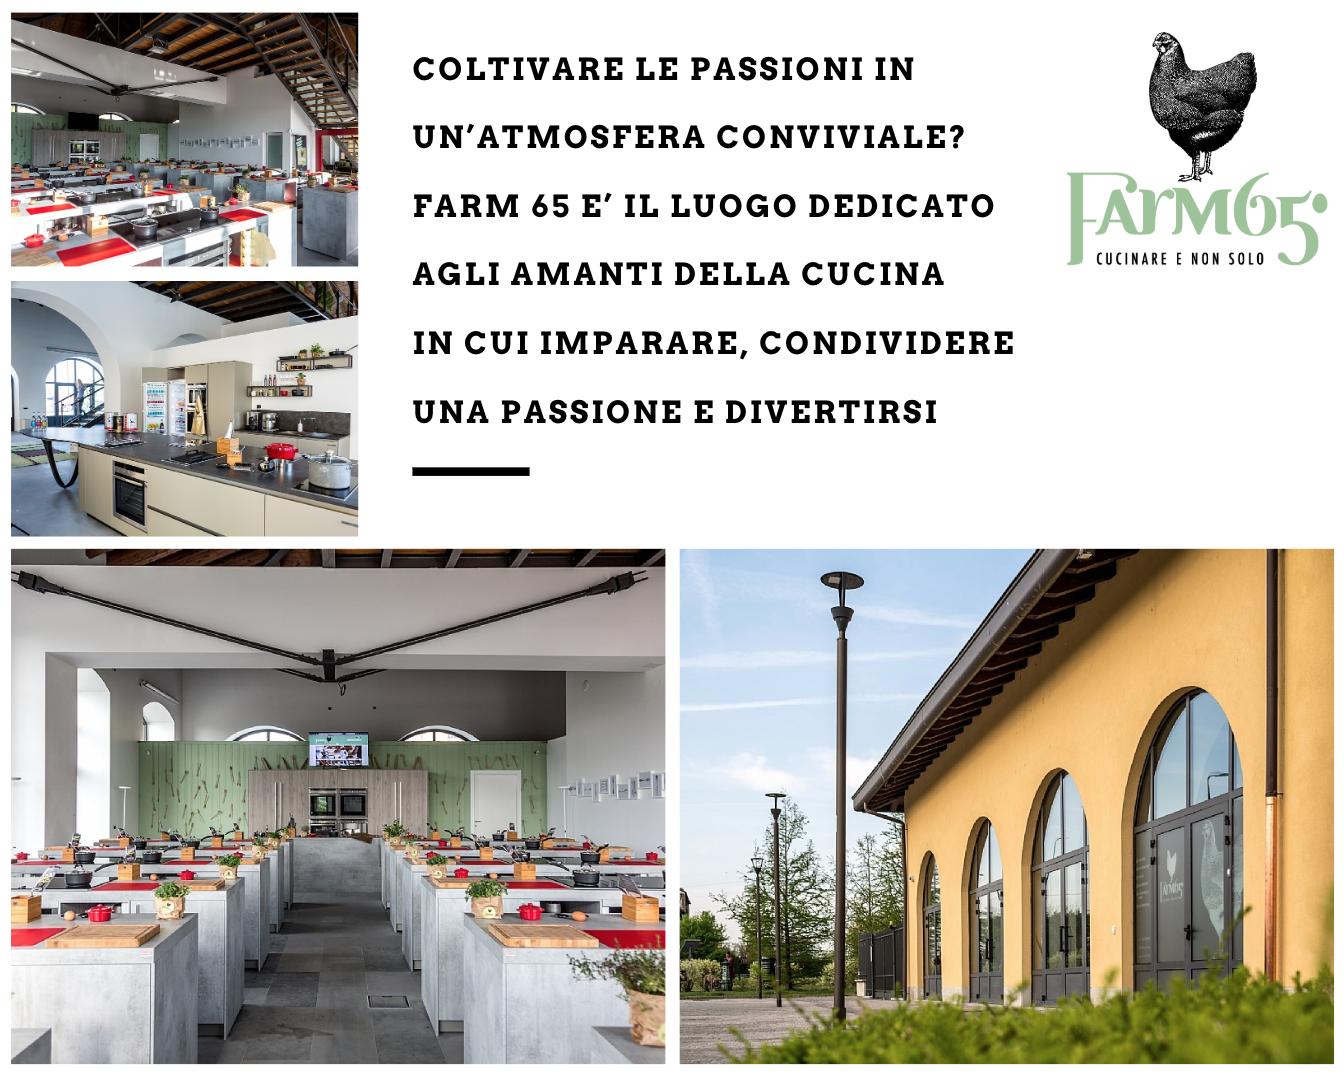 farm65_coltivare_le_passioni